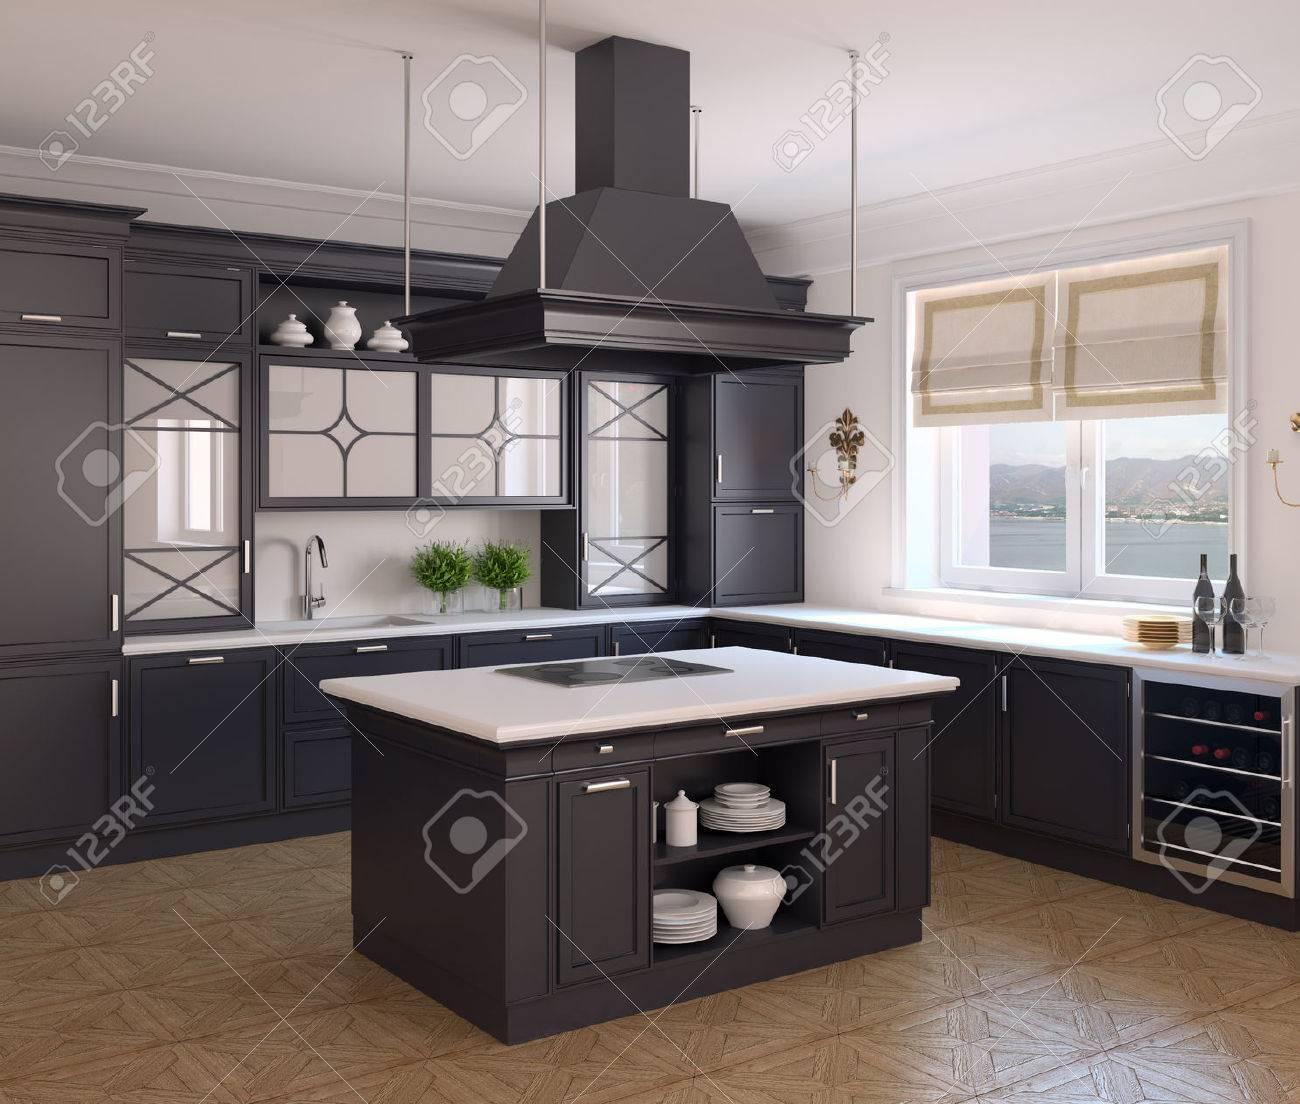 Interno Della Classica Cucina Nera. Rendering 3D. Foto Dietro La ...